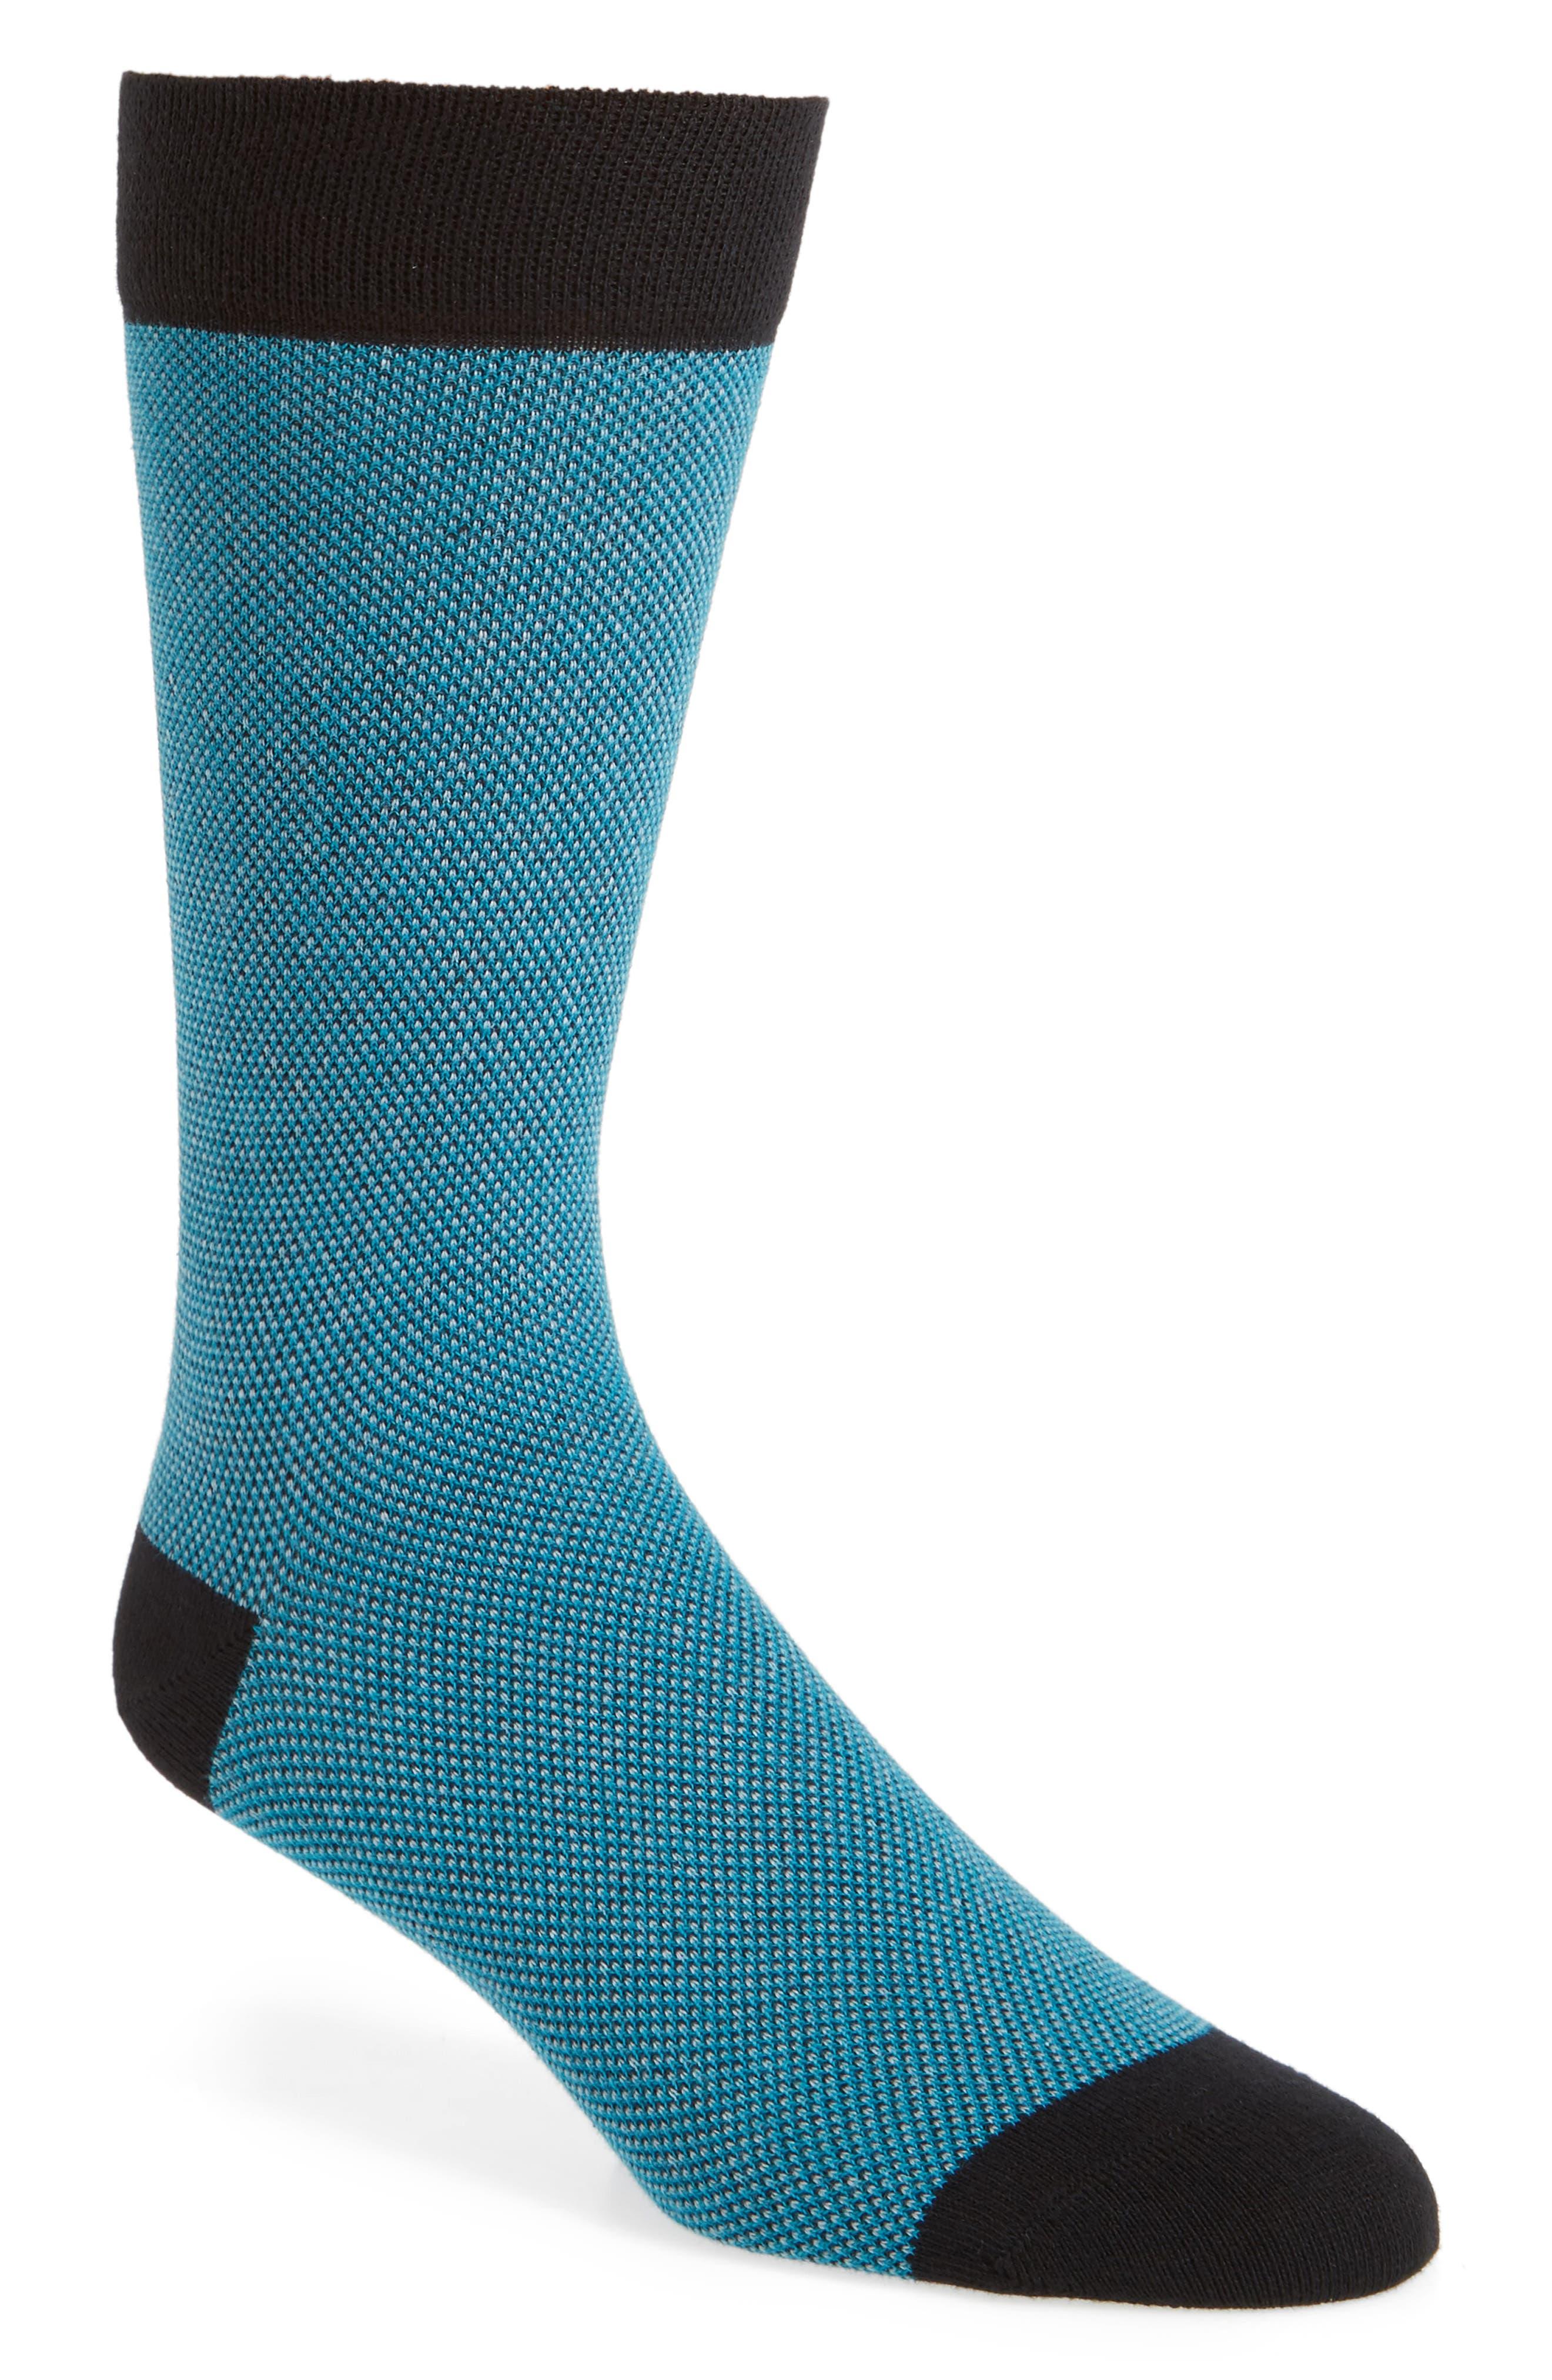 Joaquim Solid Socks,                             Main thumbnail 1, color,